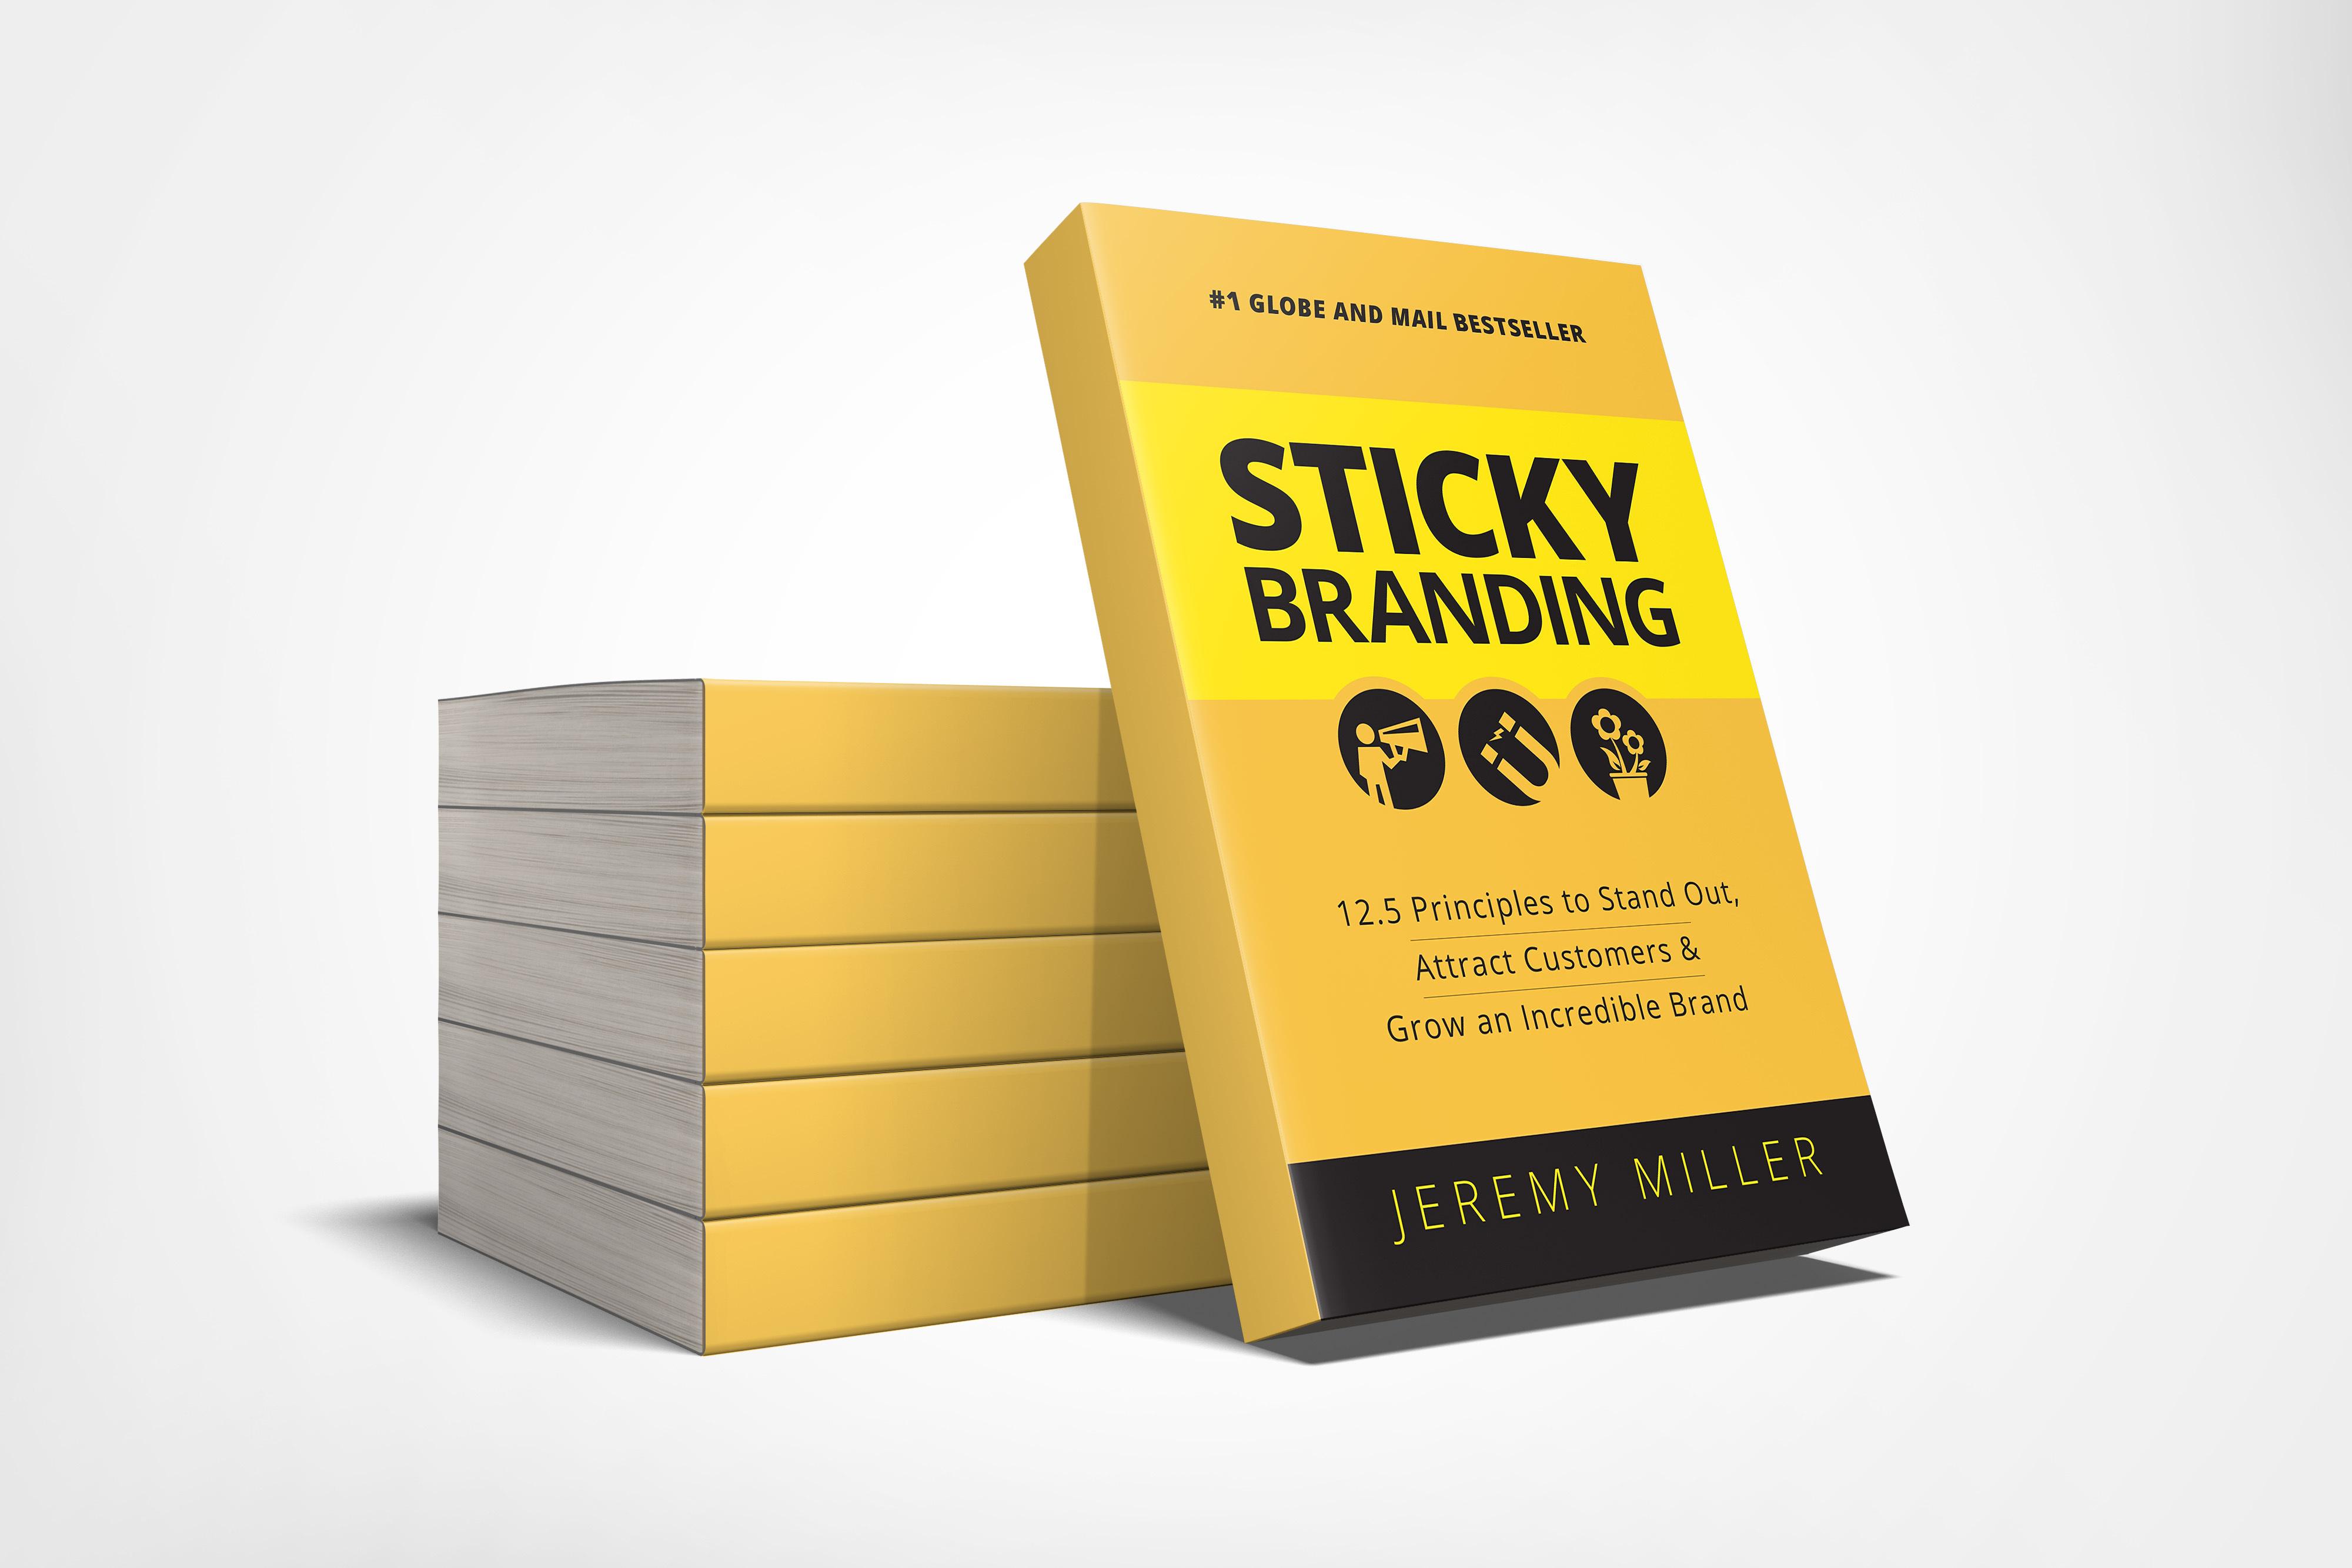 Sticky Branding book